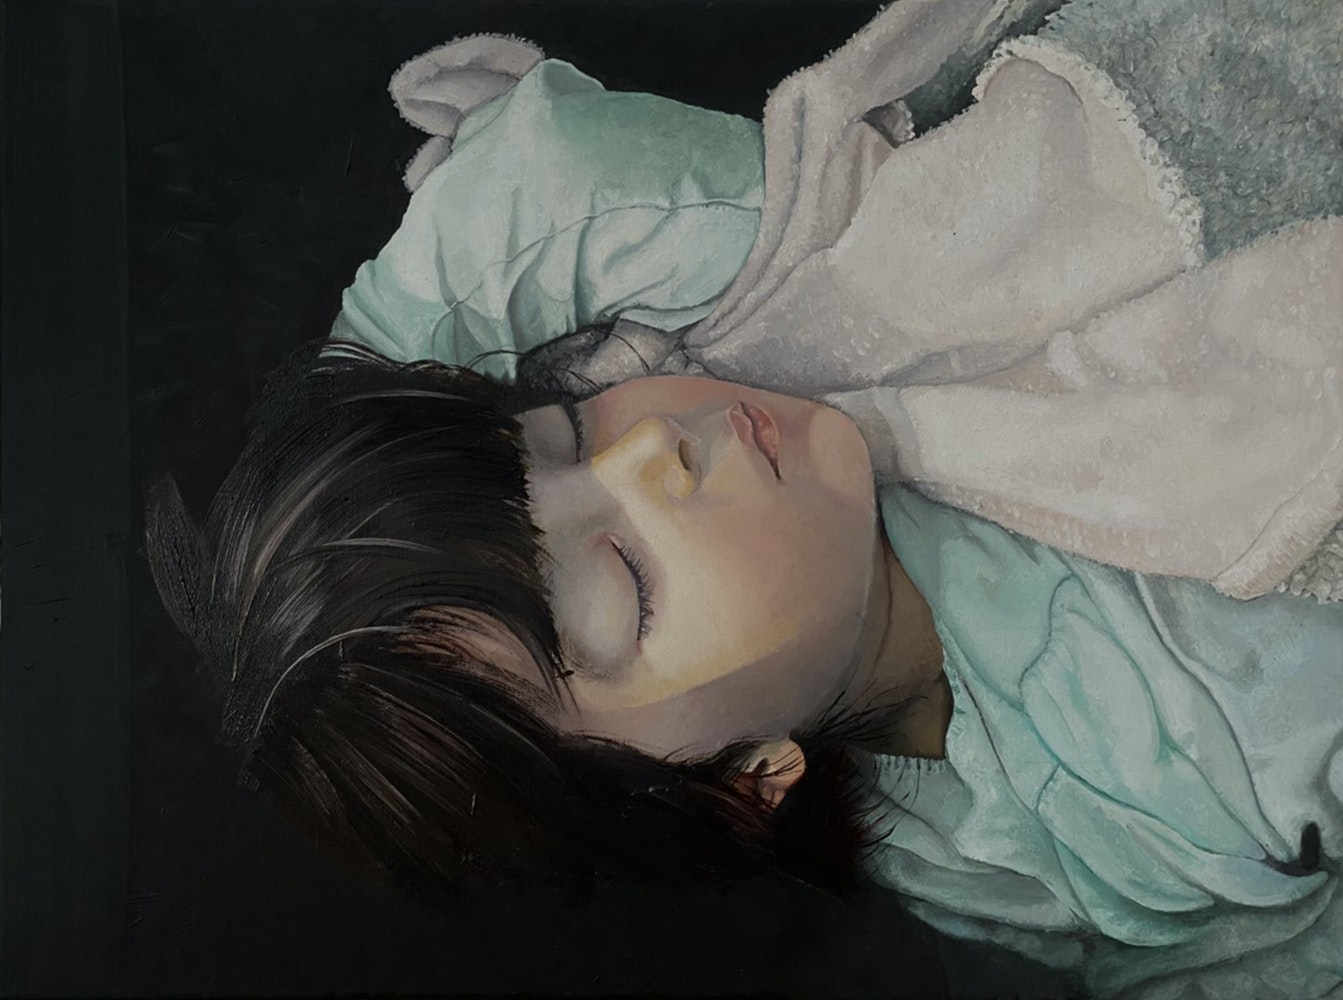 'The Unicorn Ride', Mauro Affronti, Oil on canvas, 45 x 61 cm